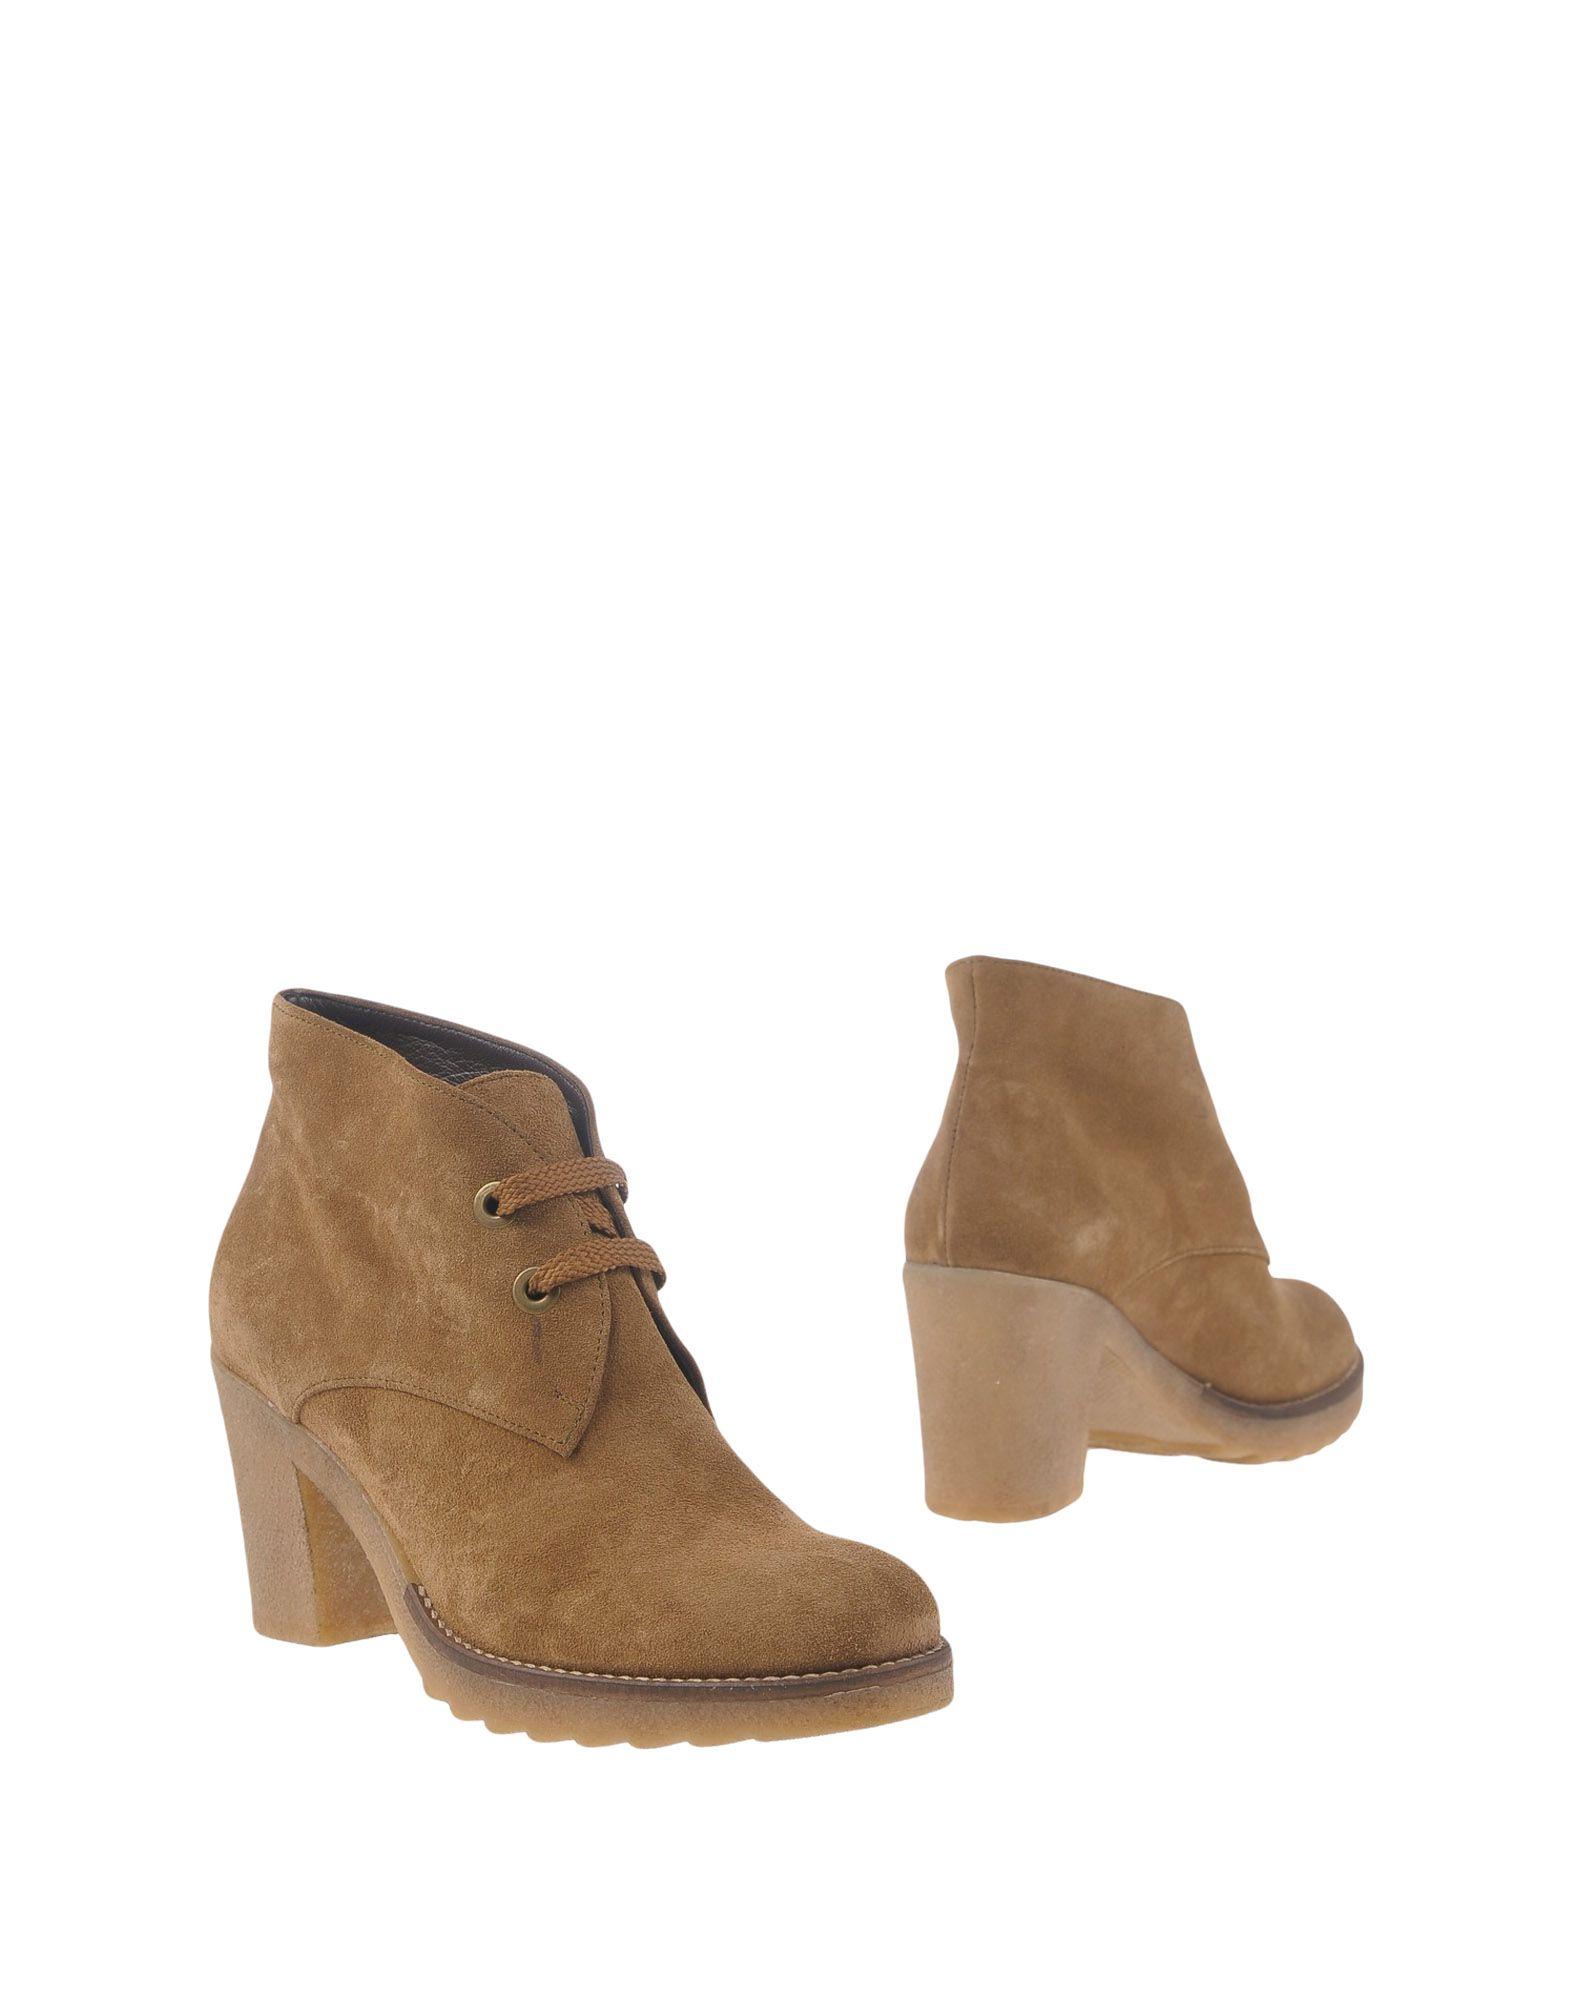 Gionata Stiefelette Damen  11294859PQ Gute Qualität beliebte Schuhe